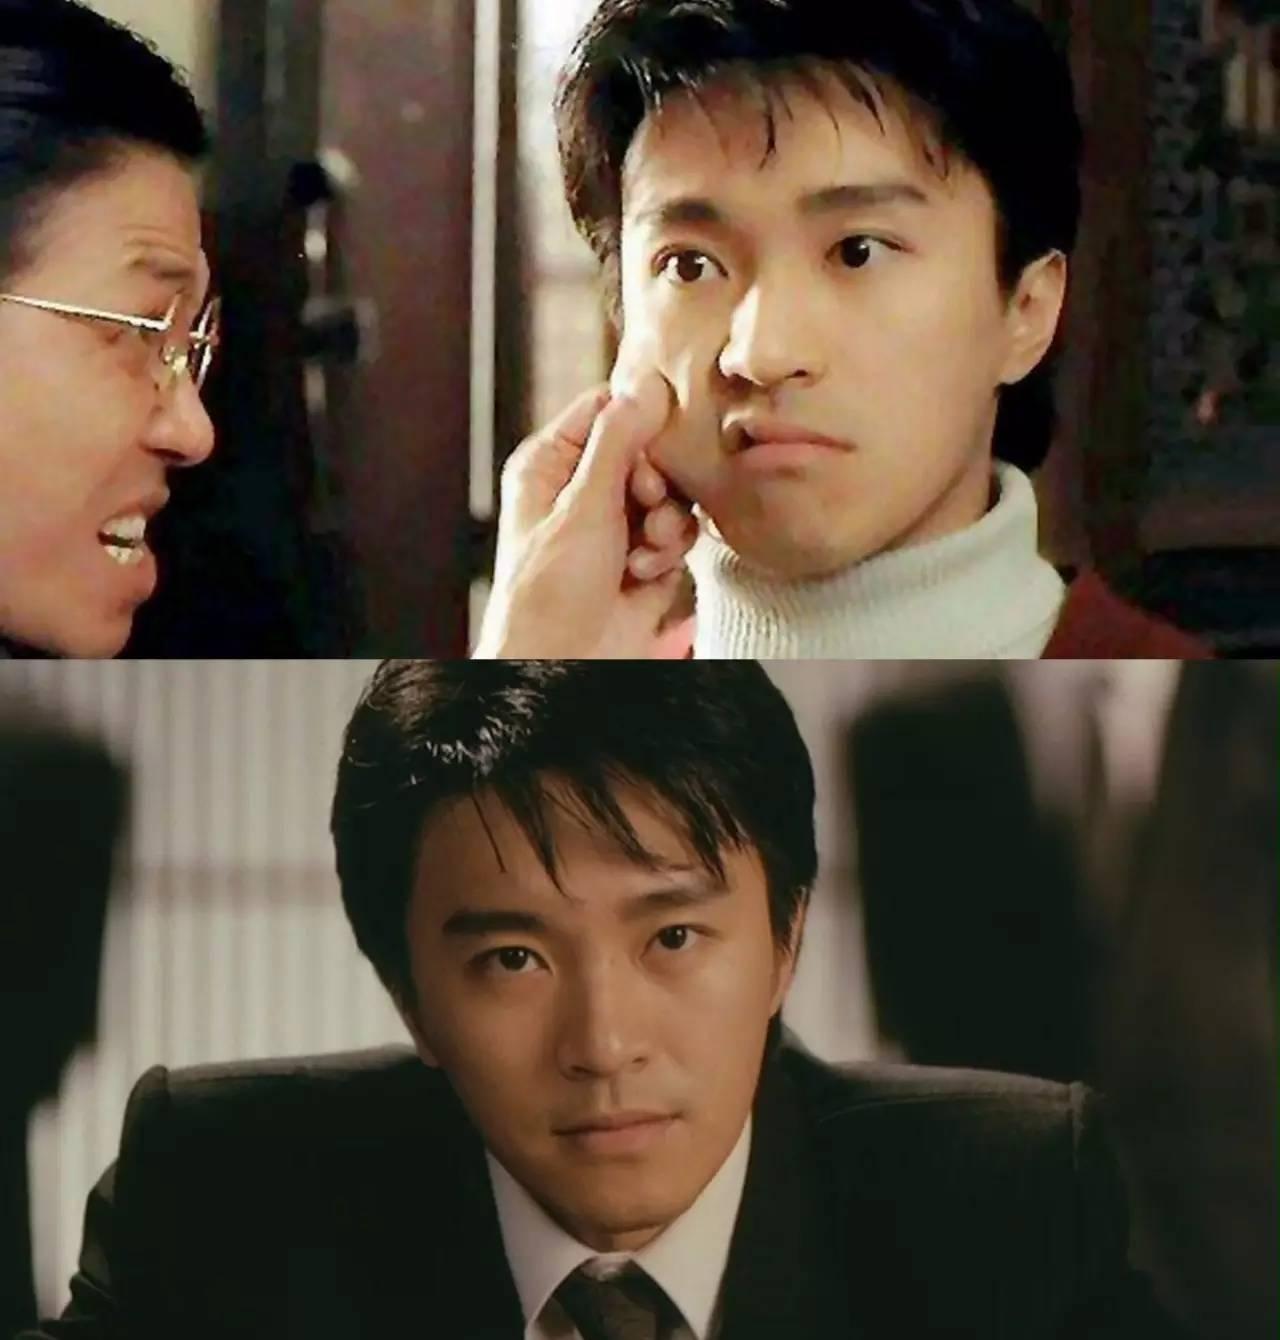 香港喜剧演员_90年代的香港喜剧演员有哪些?-90年代港产喜剧电影的著名演员有 ...